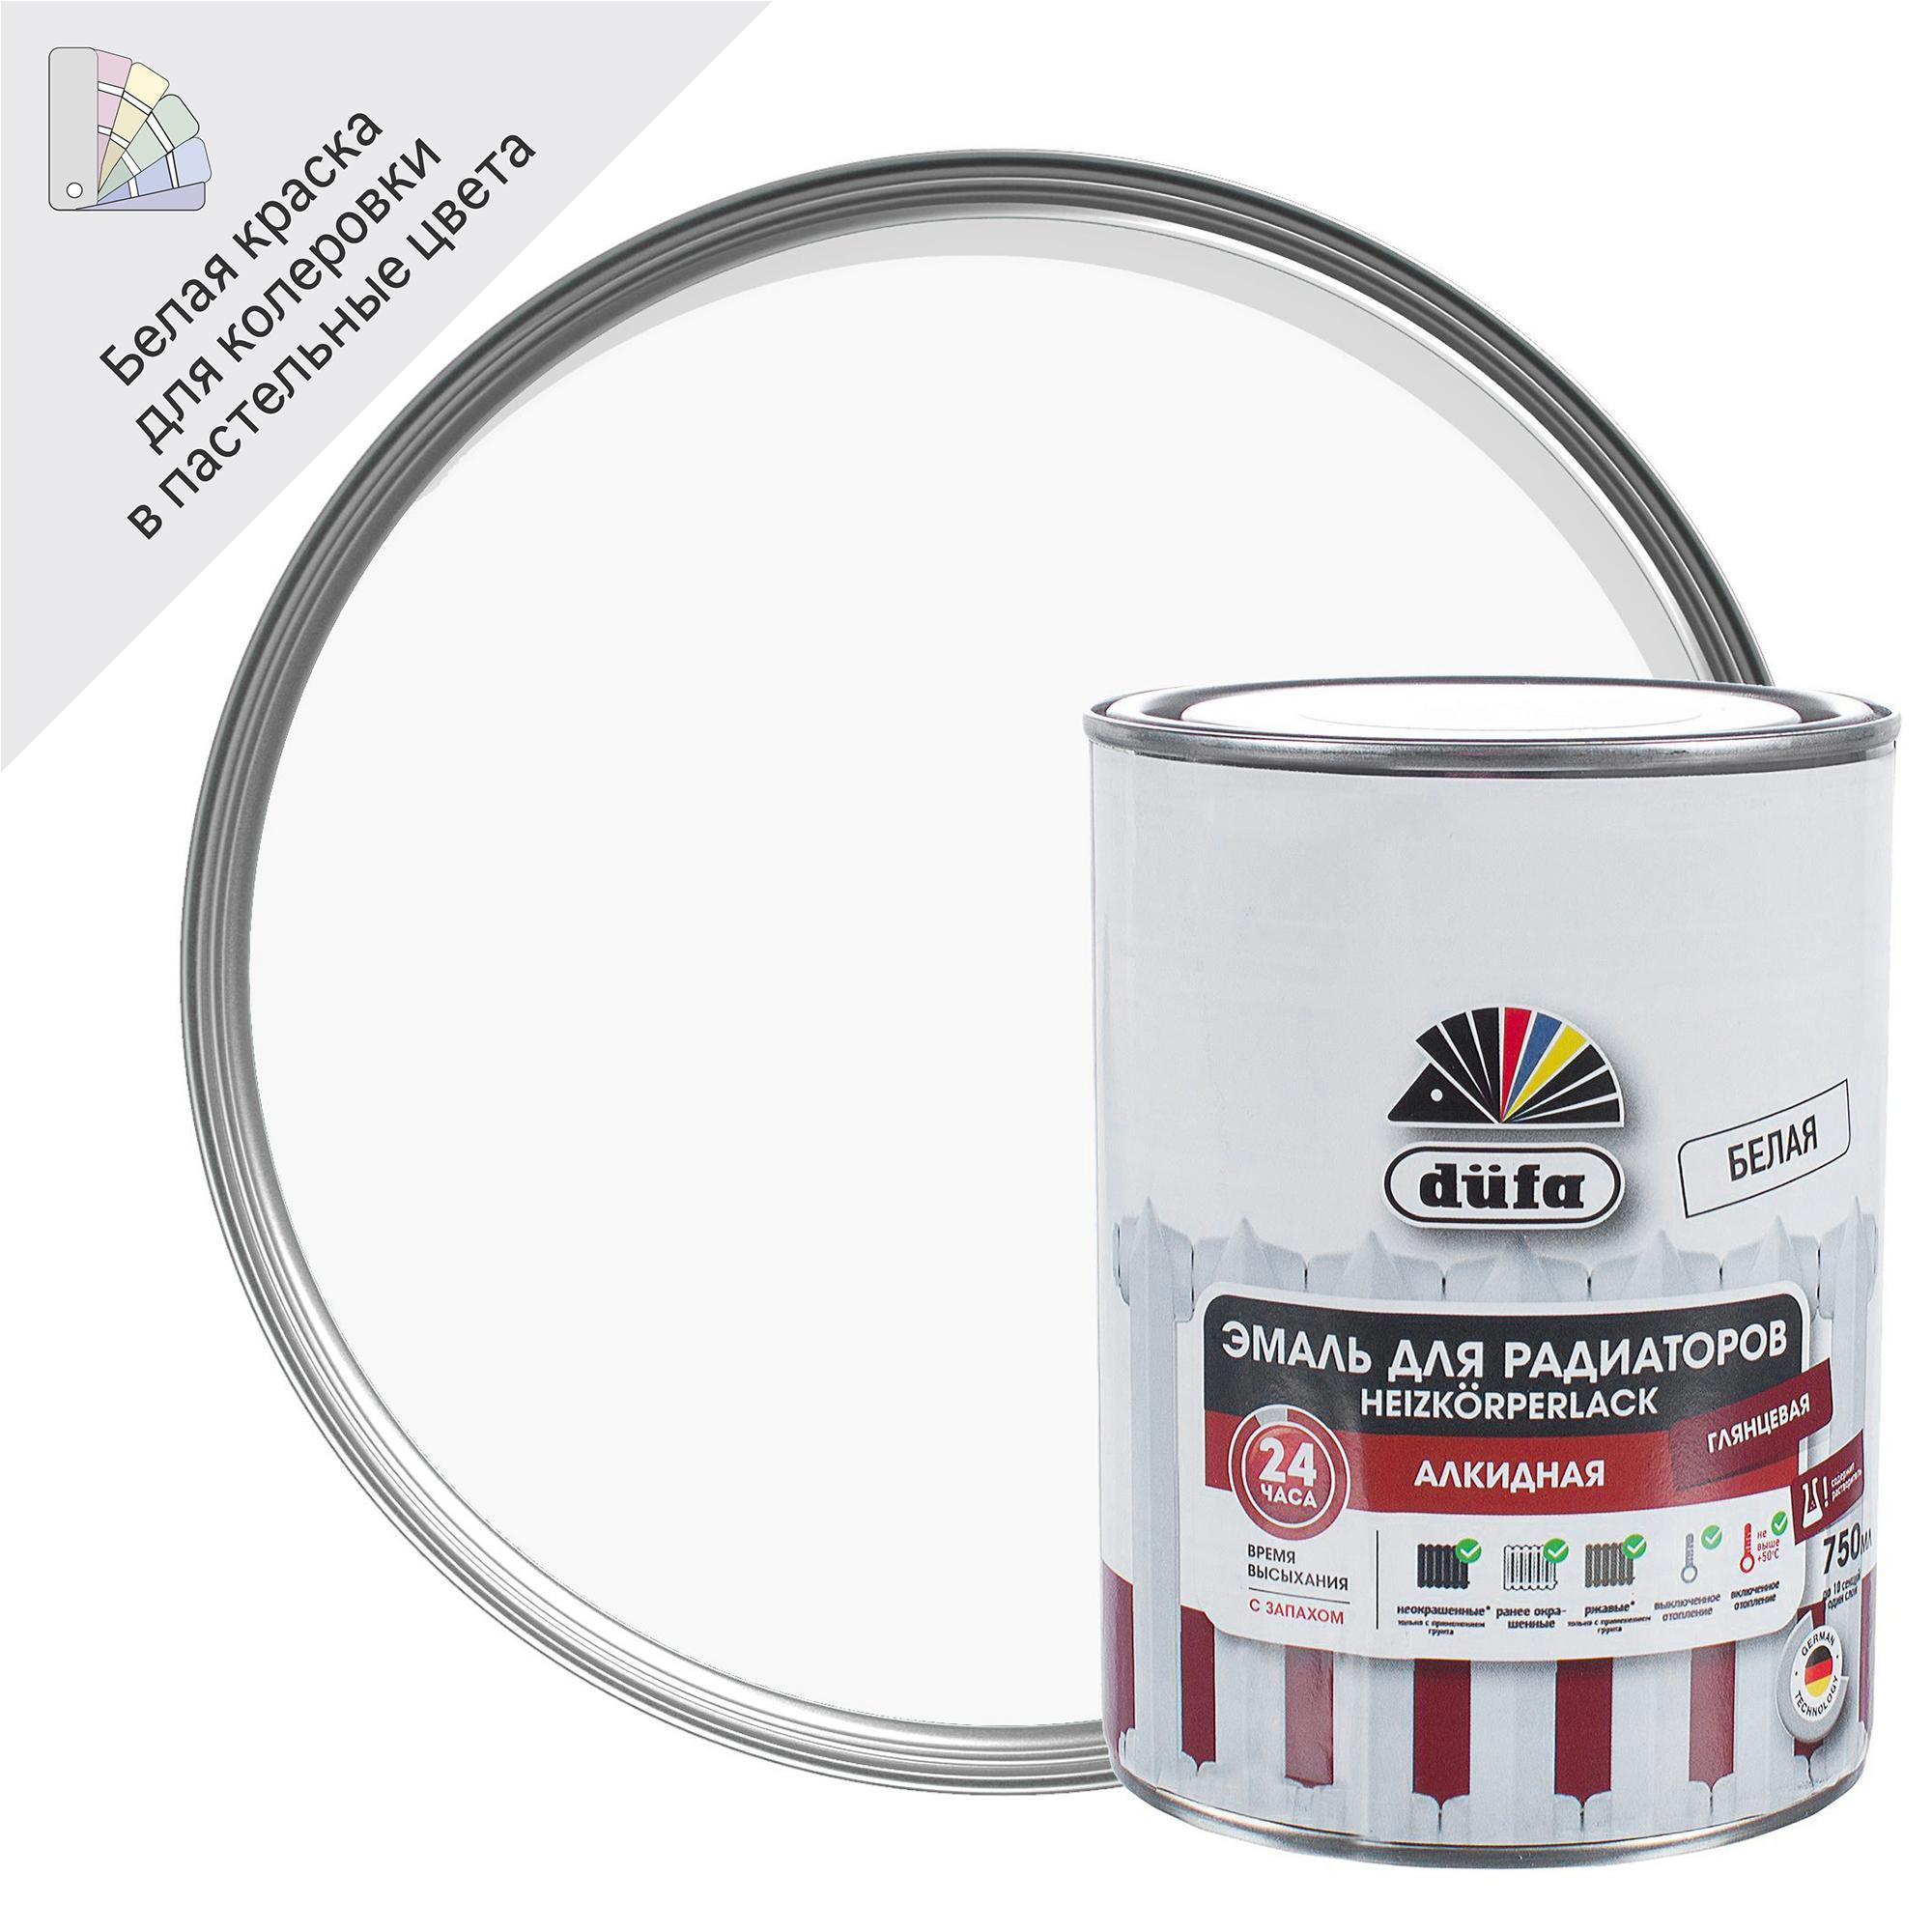 Функционалды қоспалы ертікіші бар алкидті шайыр негізіндегі эмаль: Dufa Heizkorperlack радиаторларға арналған эмаль, ақ түсті, 0,75 л